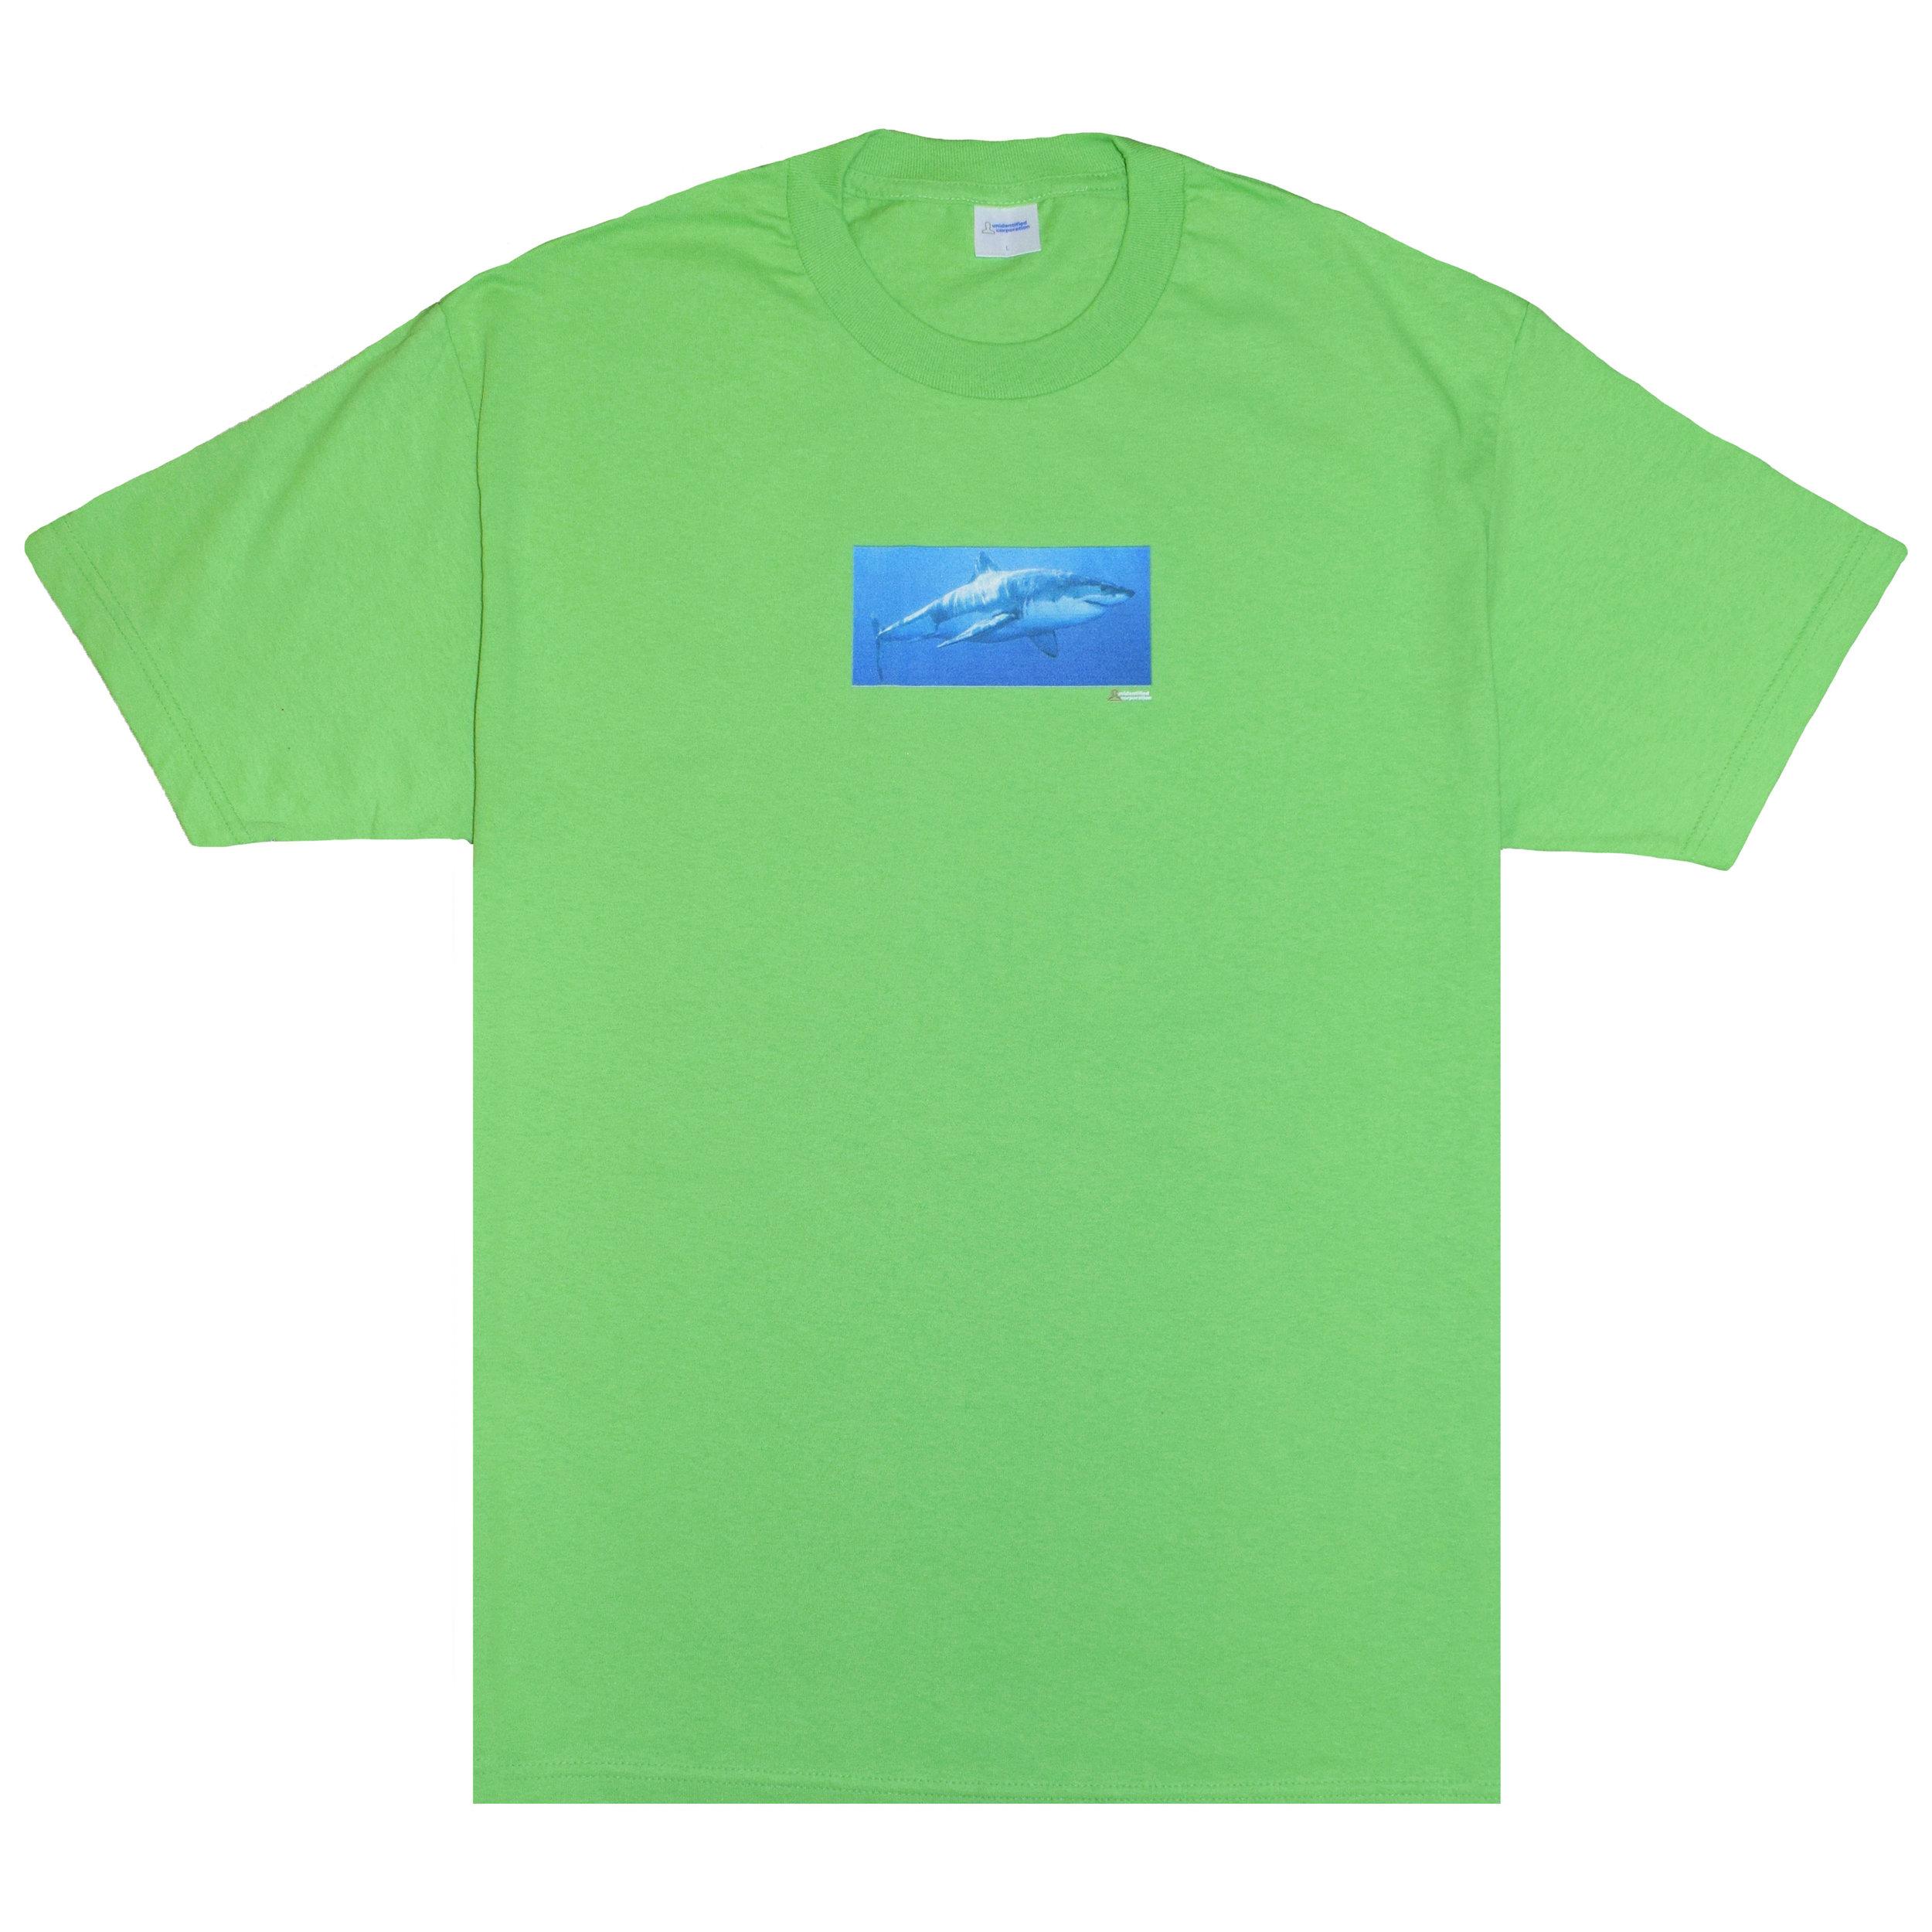 Shark Lime Square.jpg